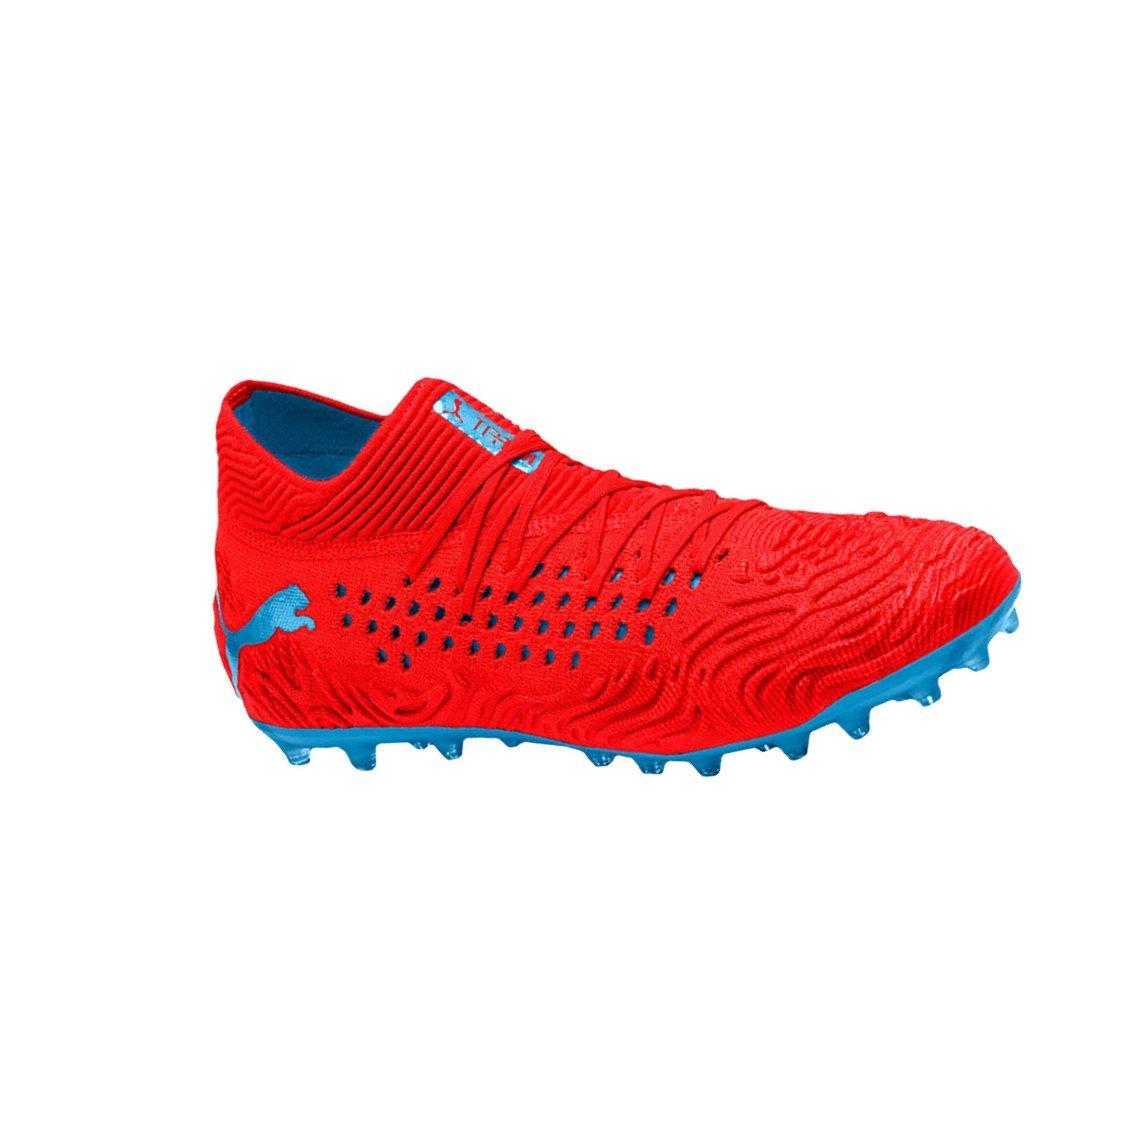 Football shoes Puma Future 19.1 netfit MG